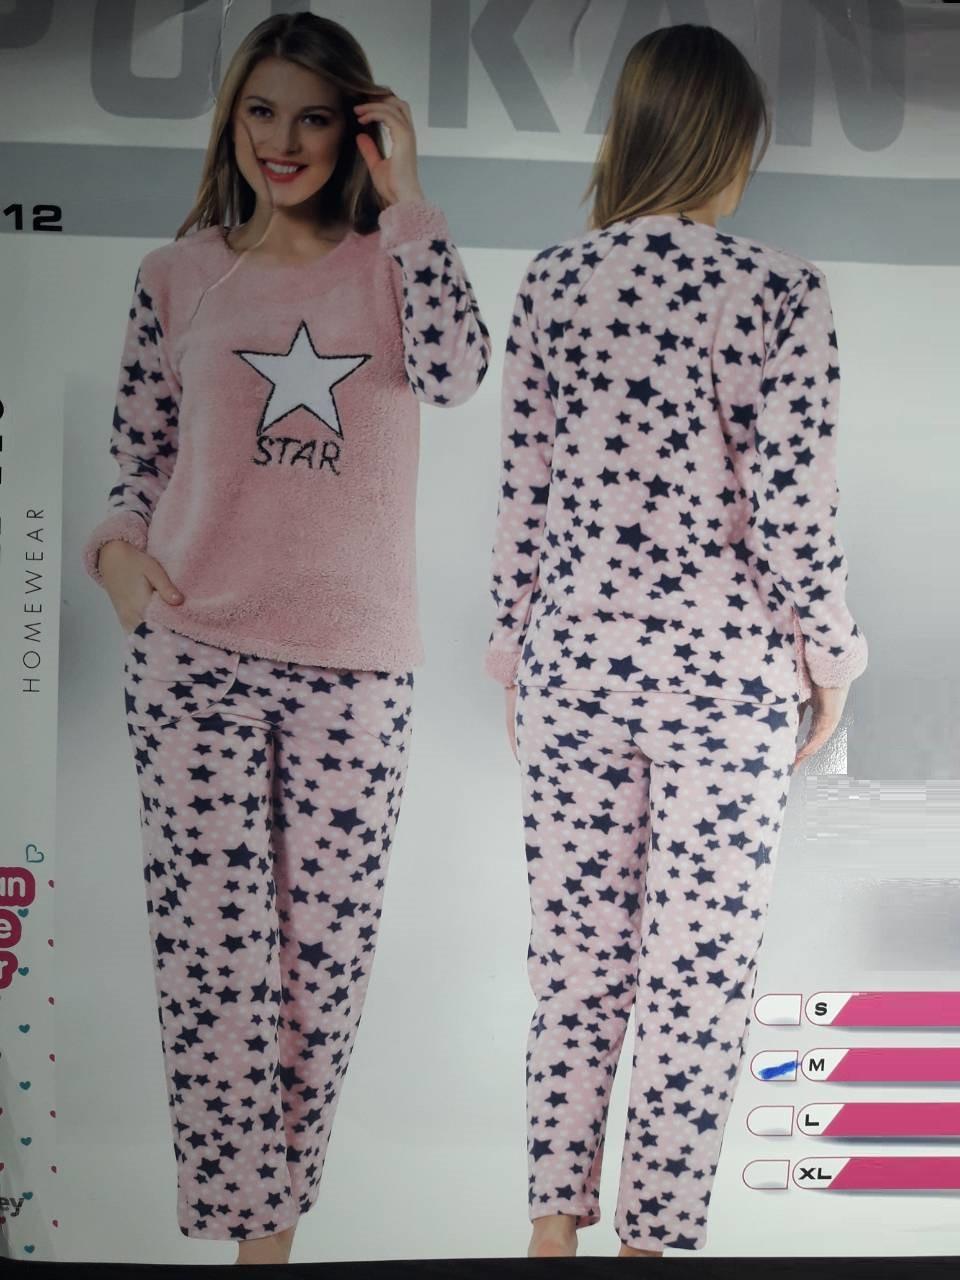 Тёплая женская махровая пижама Турция LA-17512 — купить недорого в ... 4c7c452209766